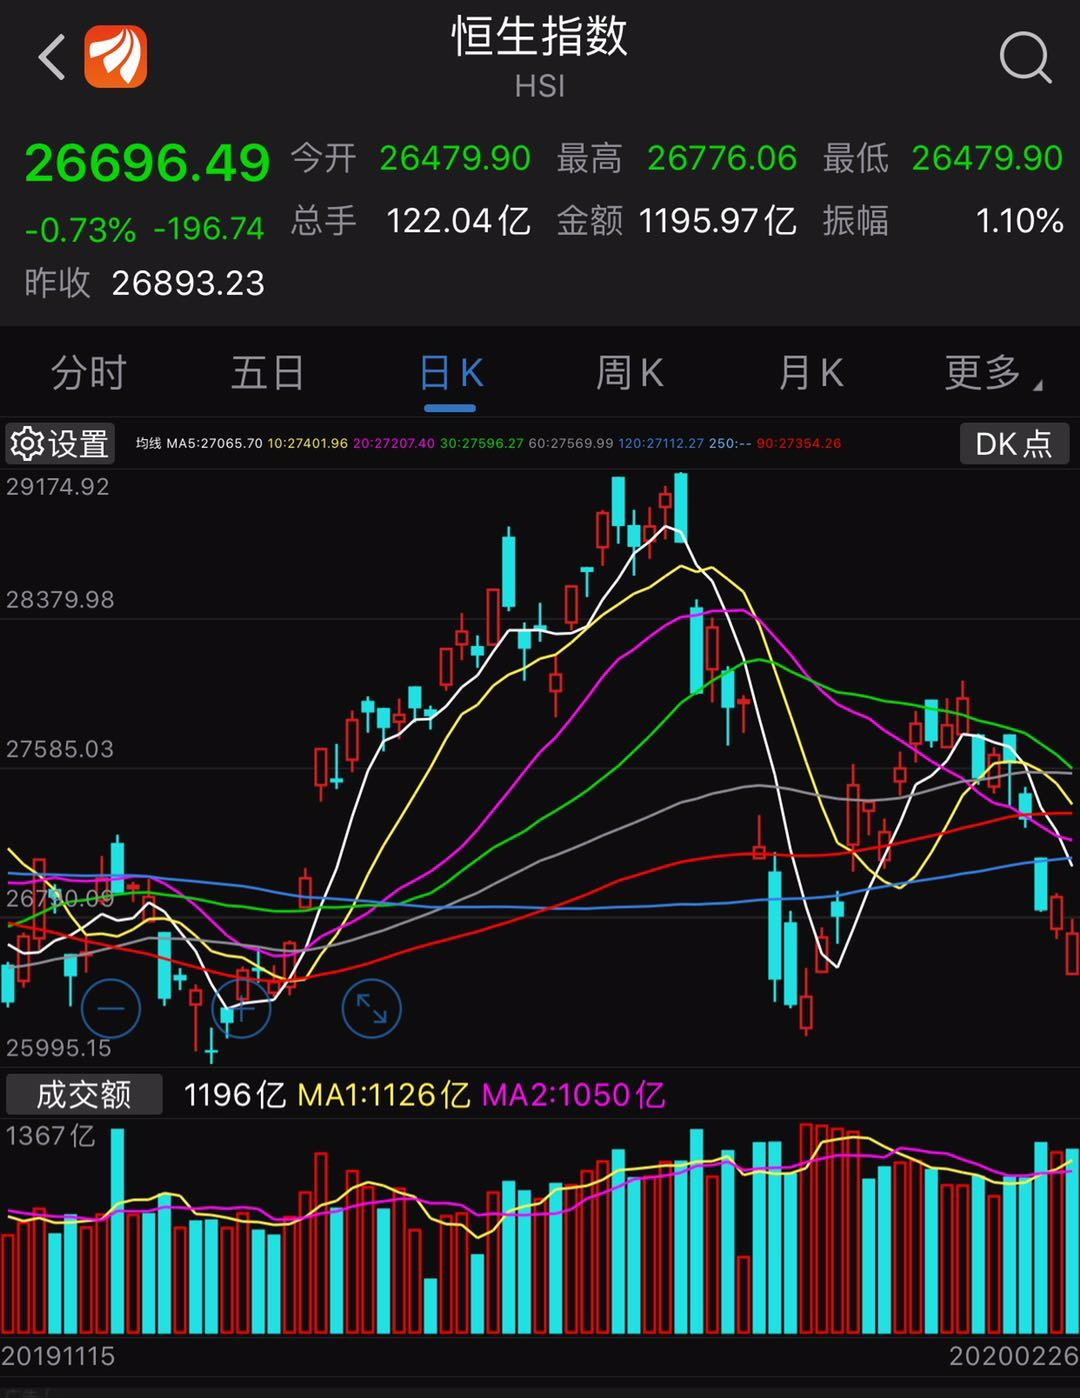 就在港股市場低迷之際,以太保壽險和中國人壽為代表的頭部險企對部分港股頻頻舉牌